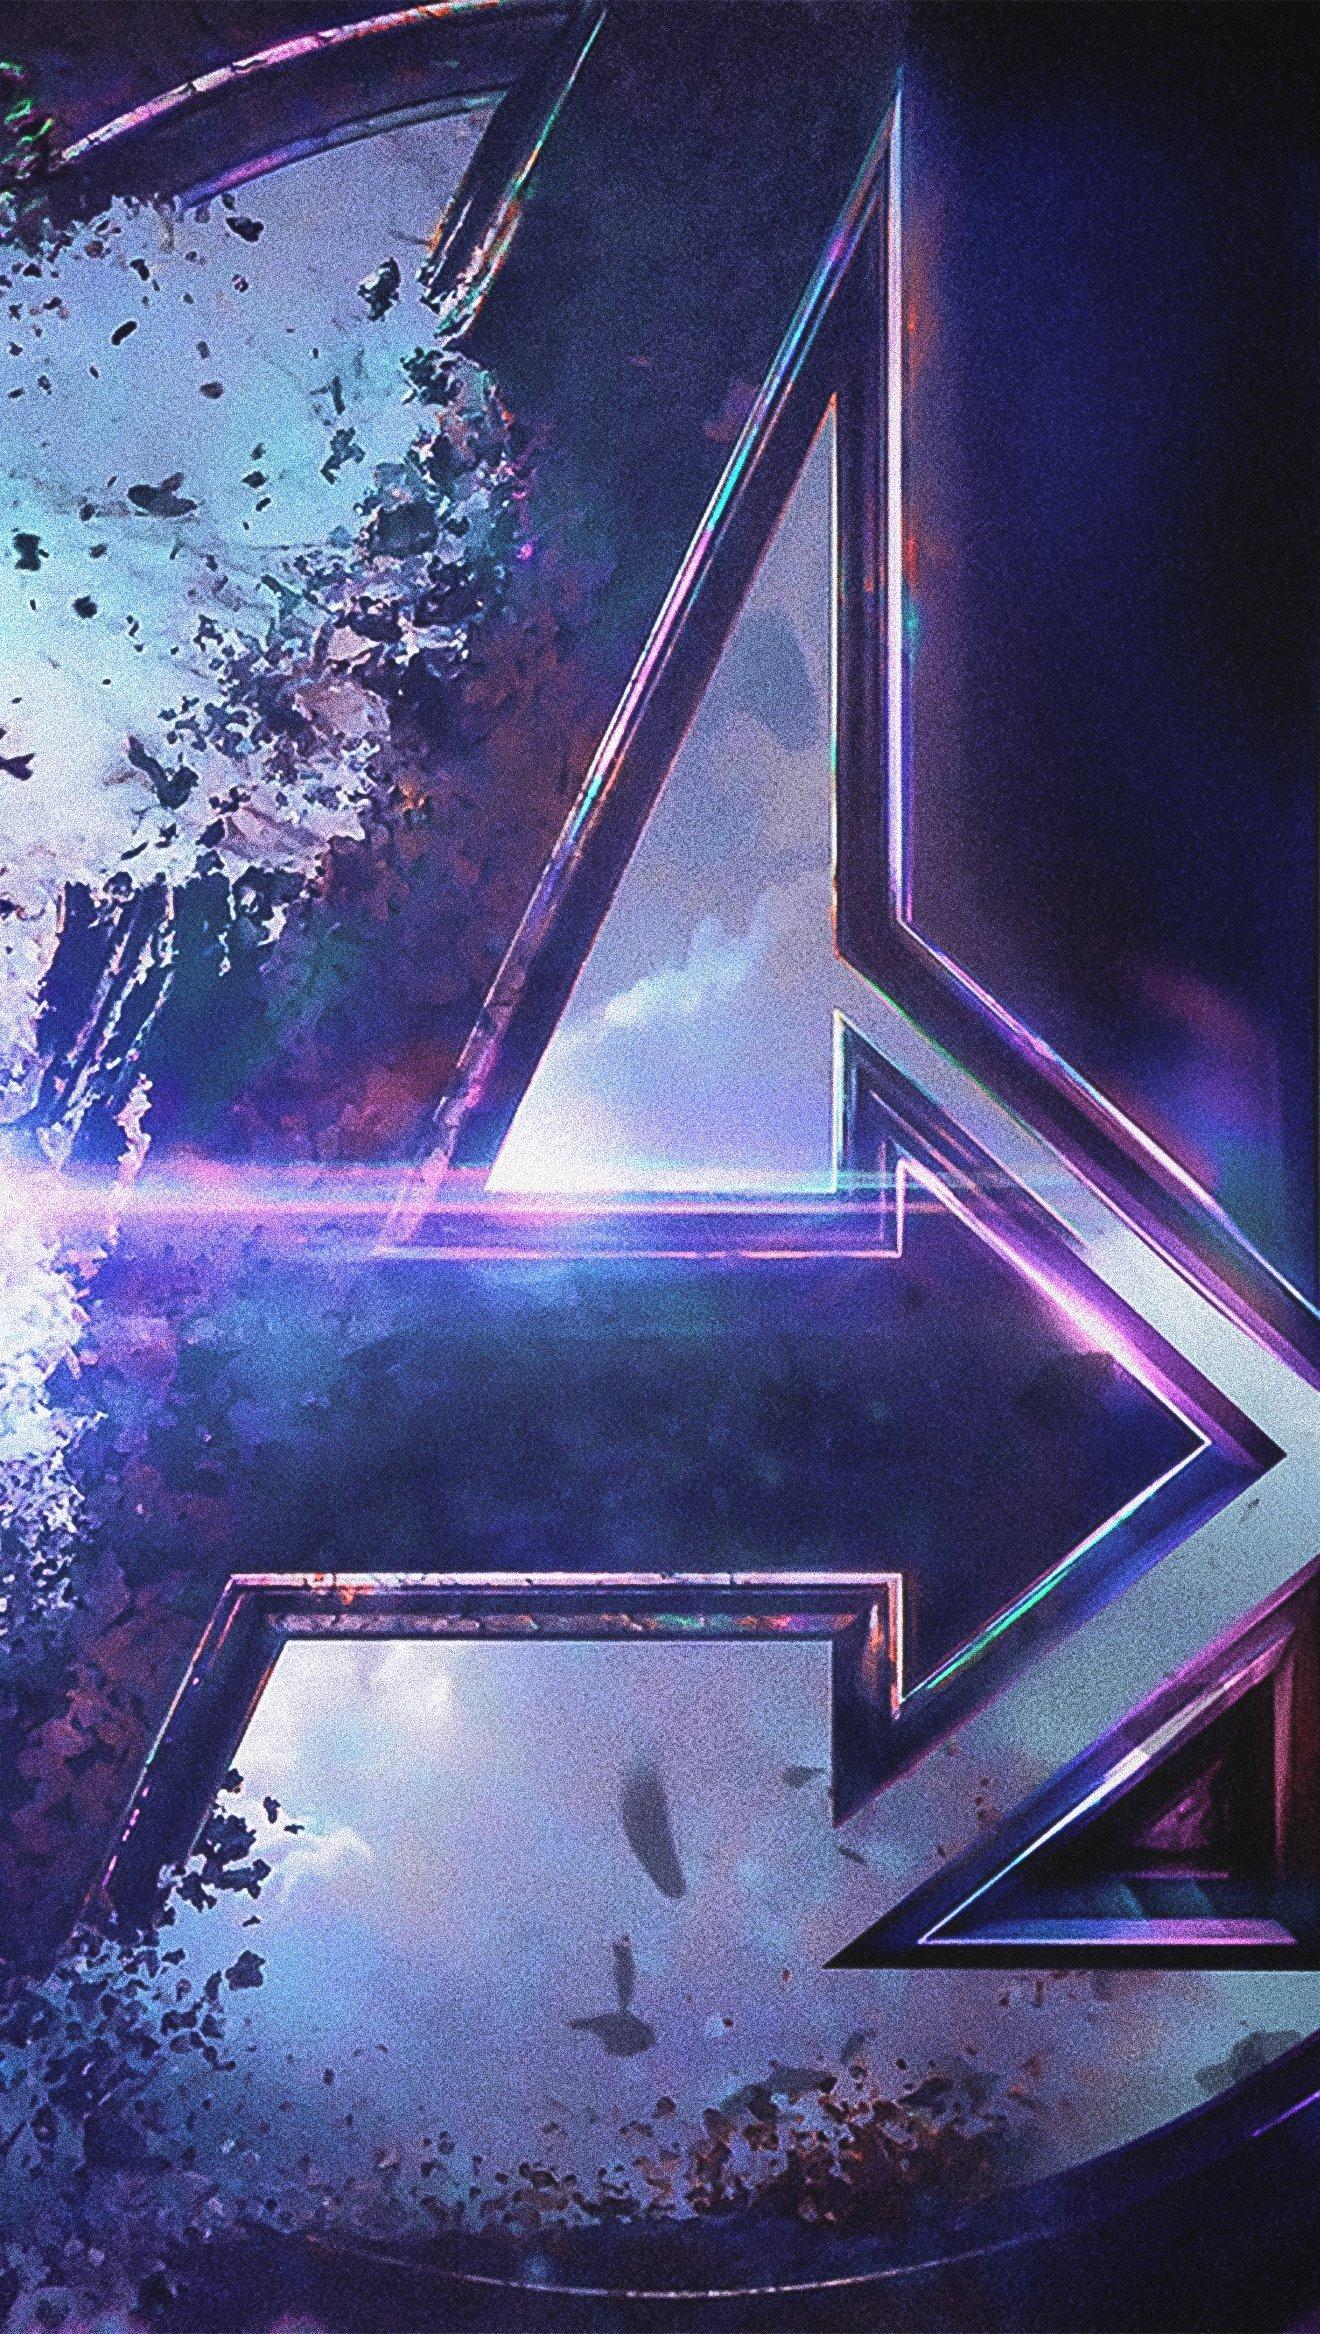 Wallpaper Avengers Endgame Vertical